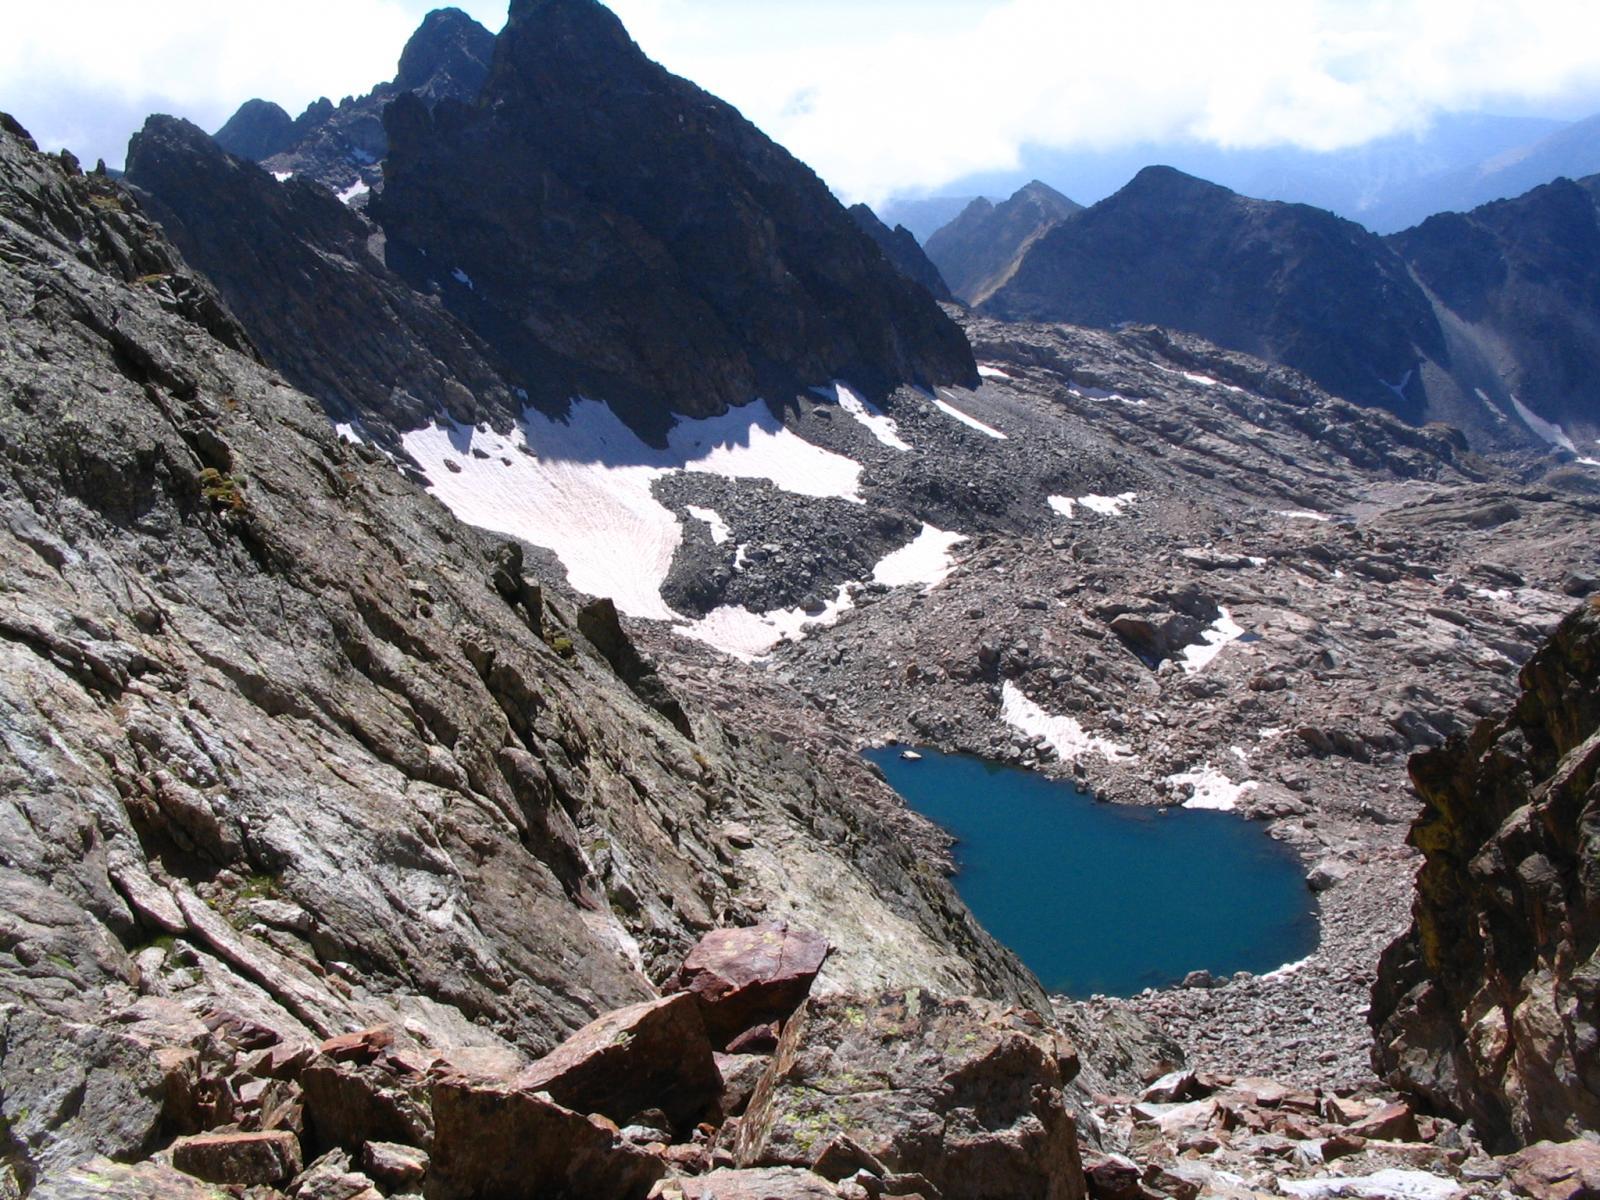 Il lago di Nasta visto dal colle della Forchetta